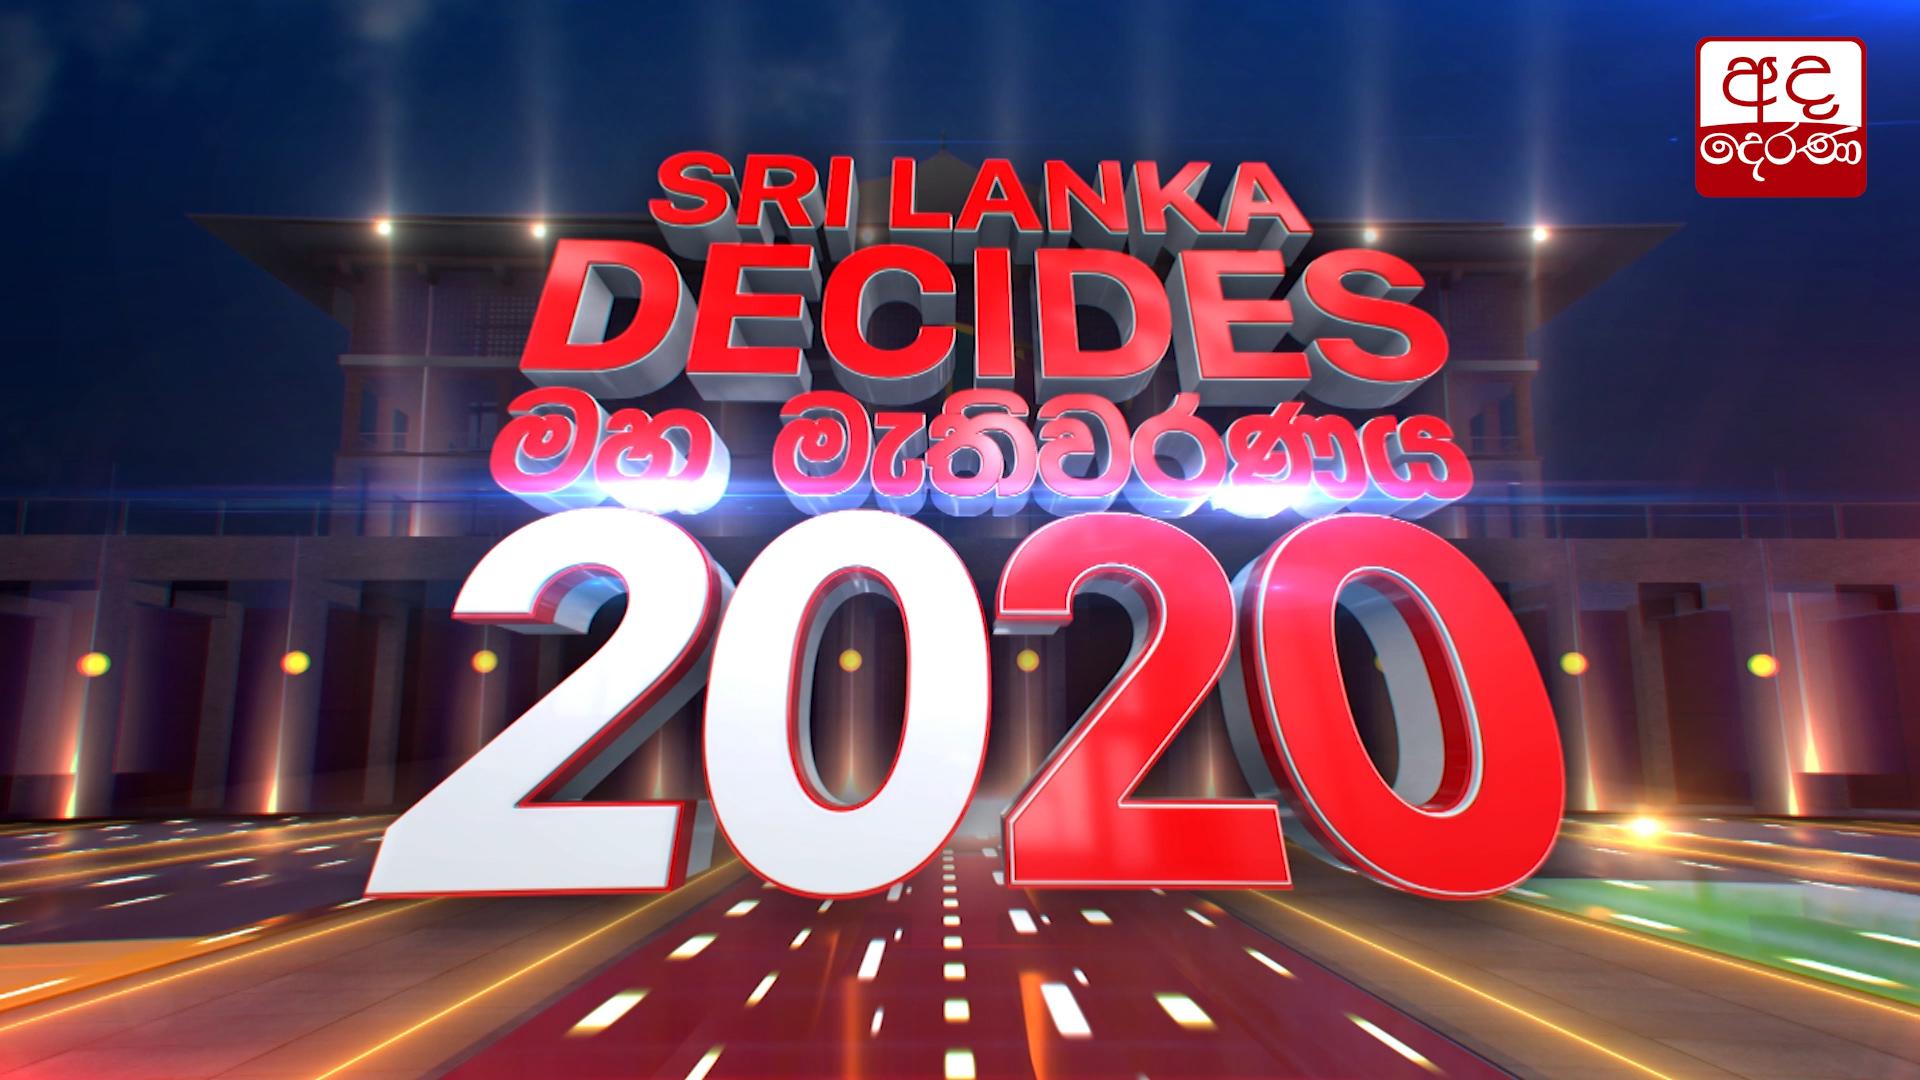 Results of Hiriyala polling division in Kurunegala District